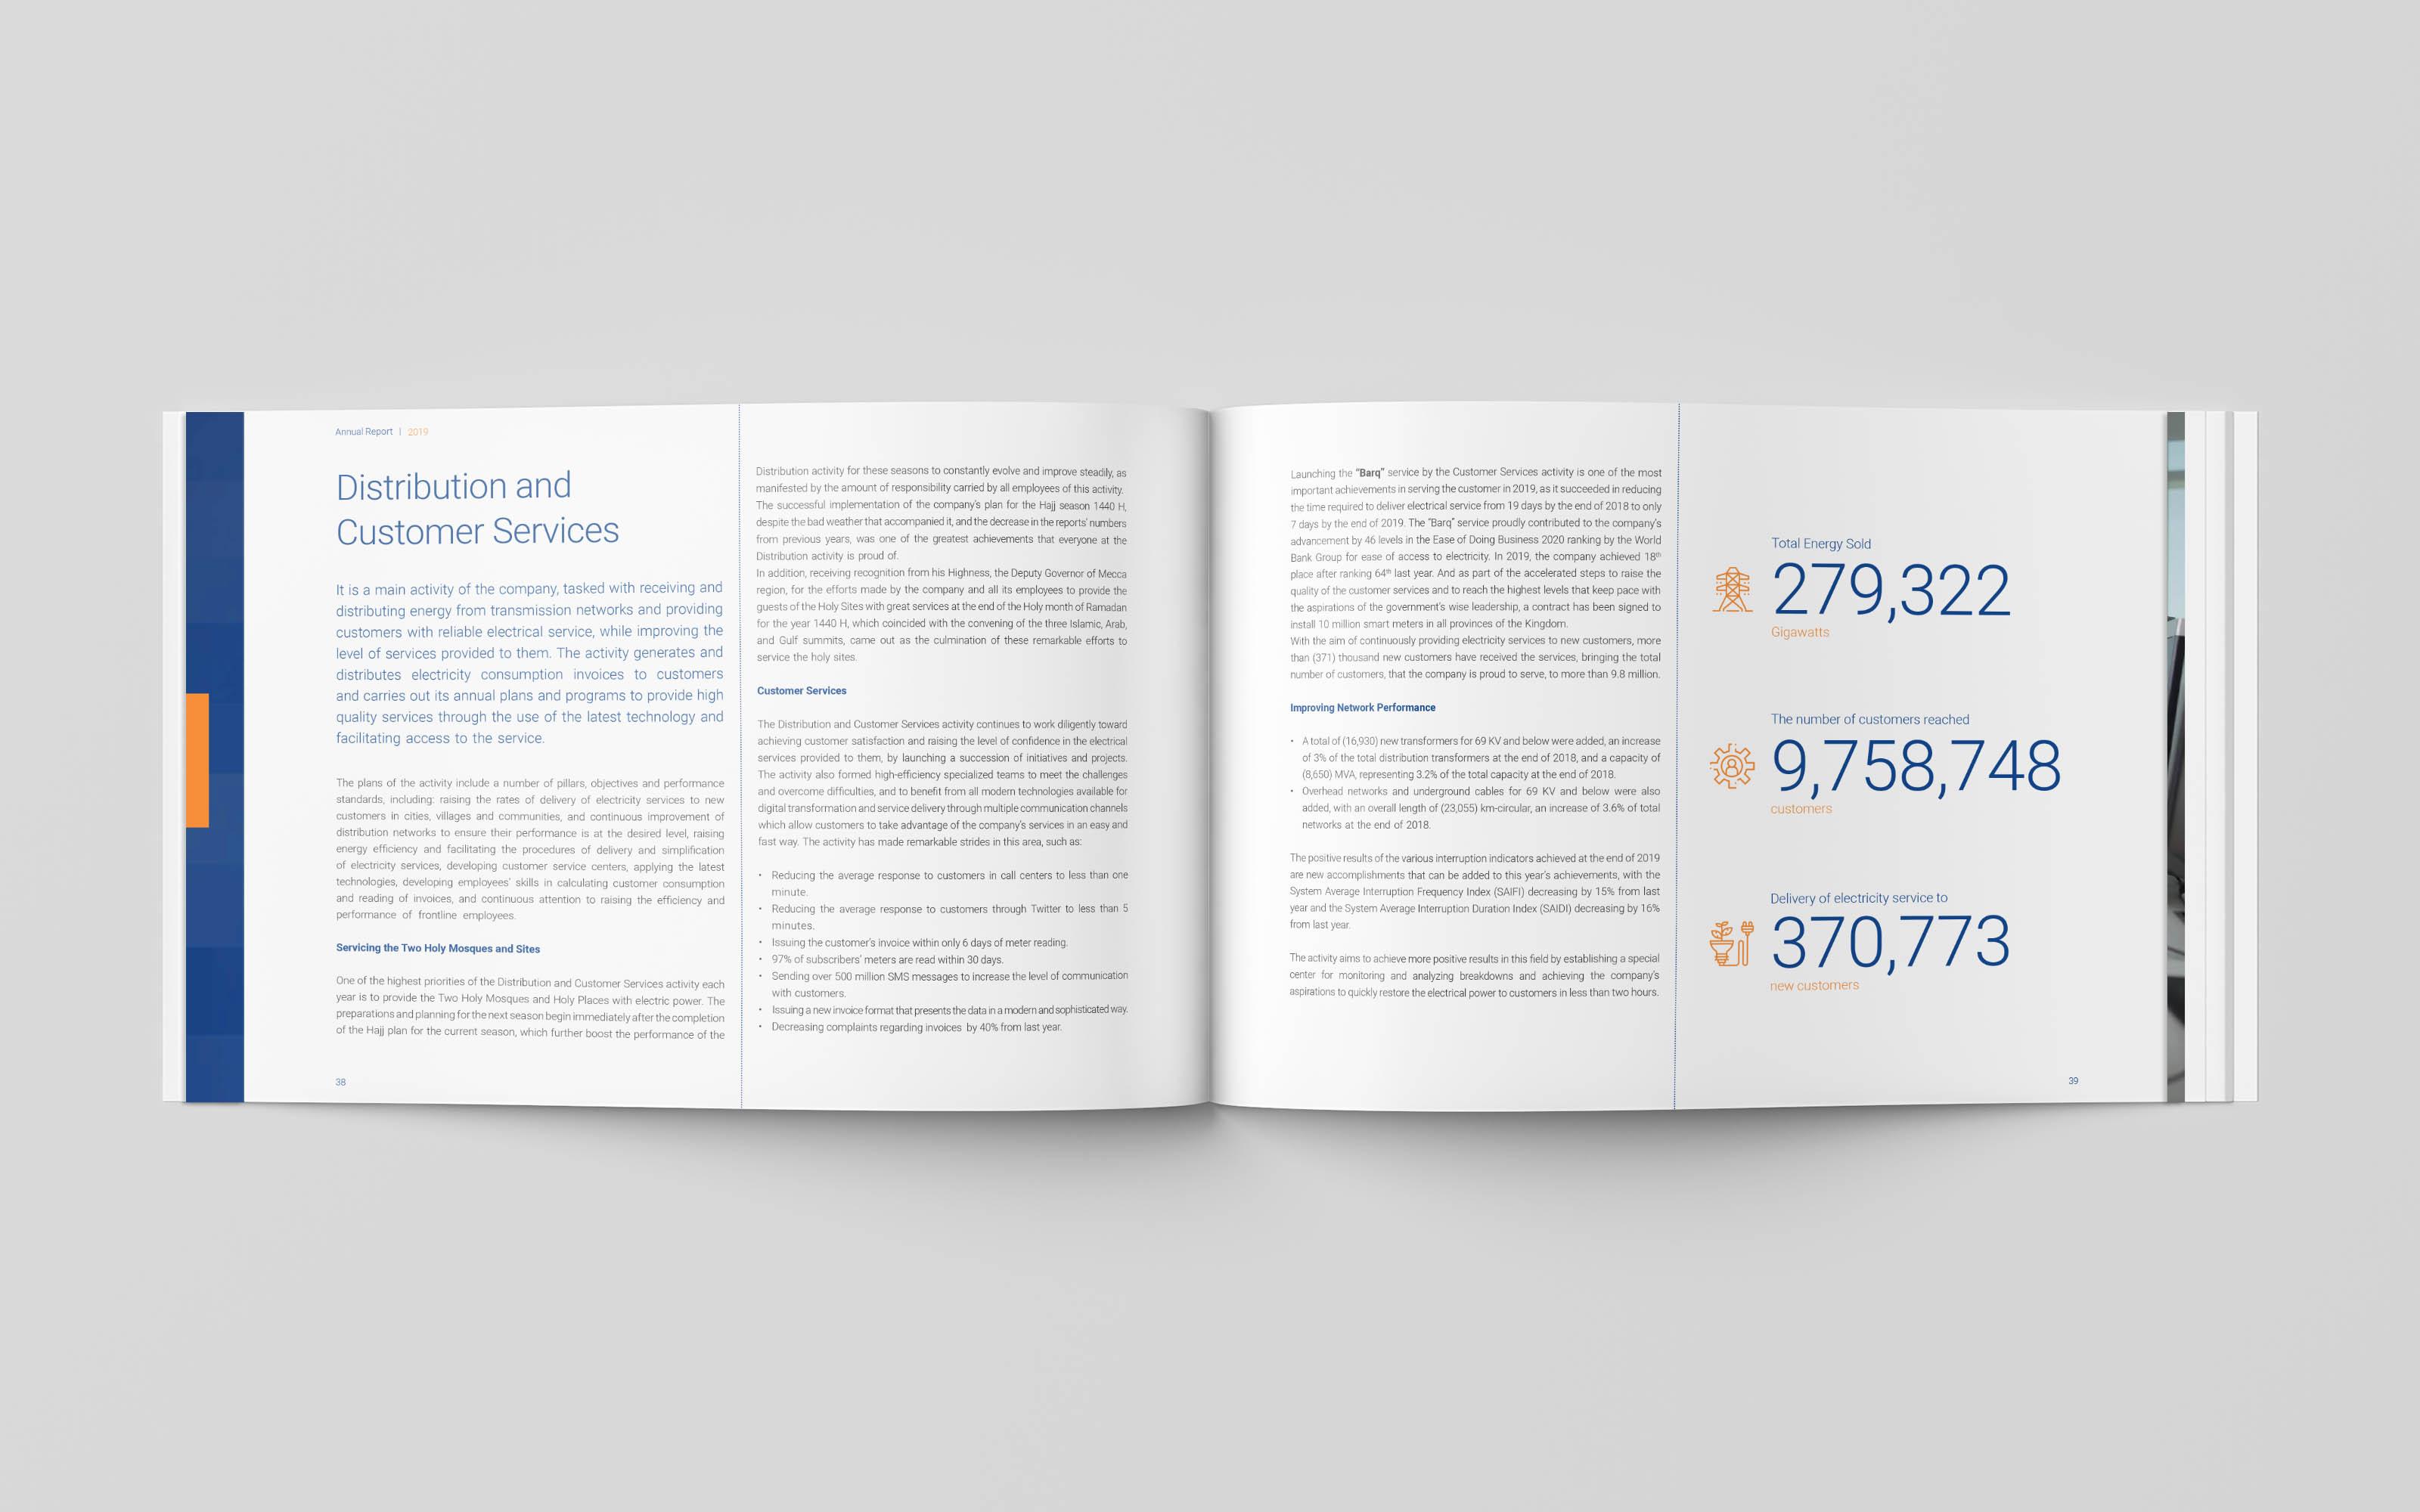 10_SE_2019_Annual Report